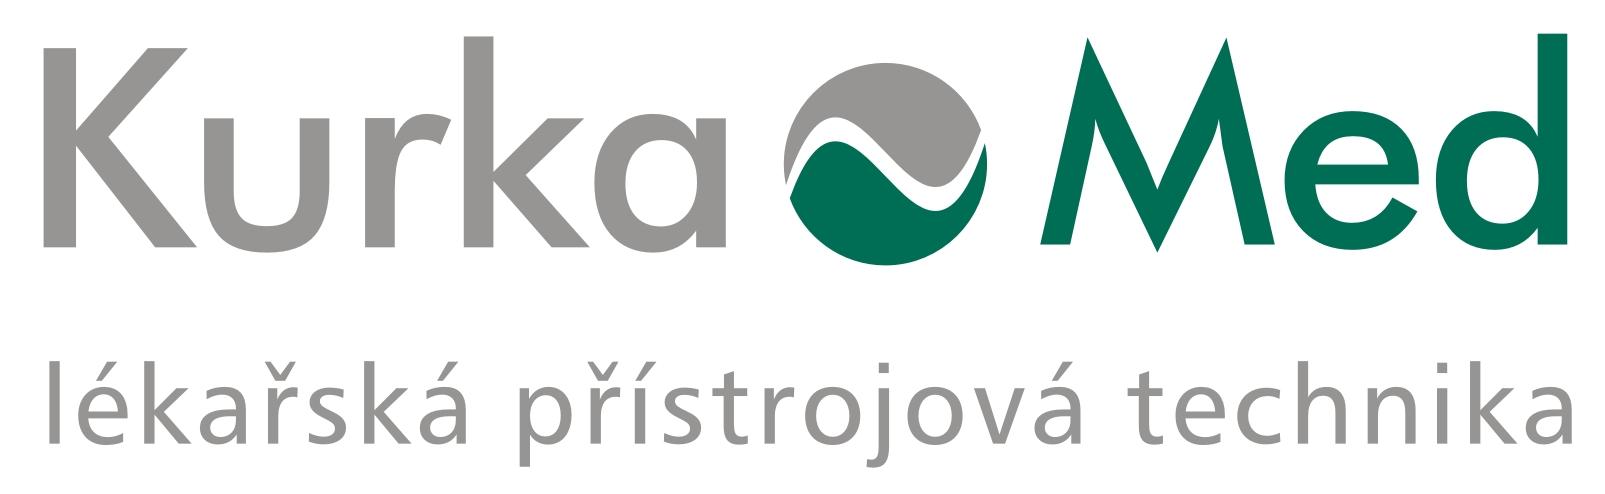 KurkaMed_logo_2015_velke.jpg